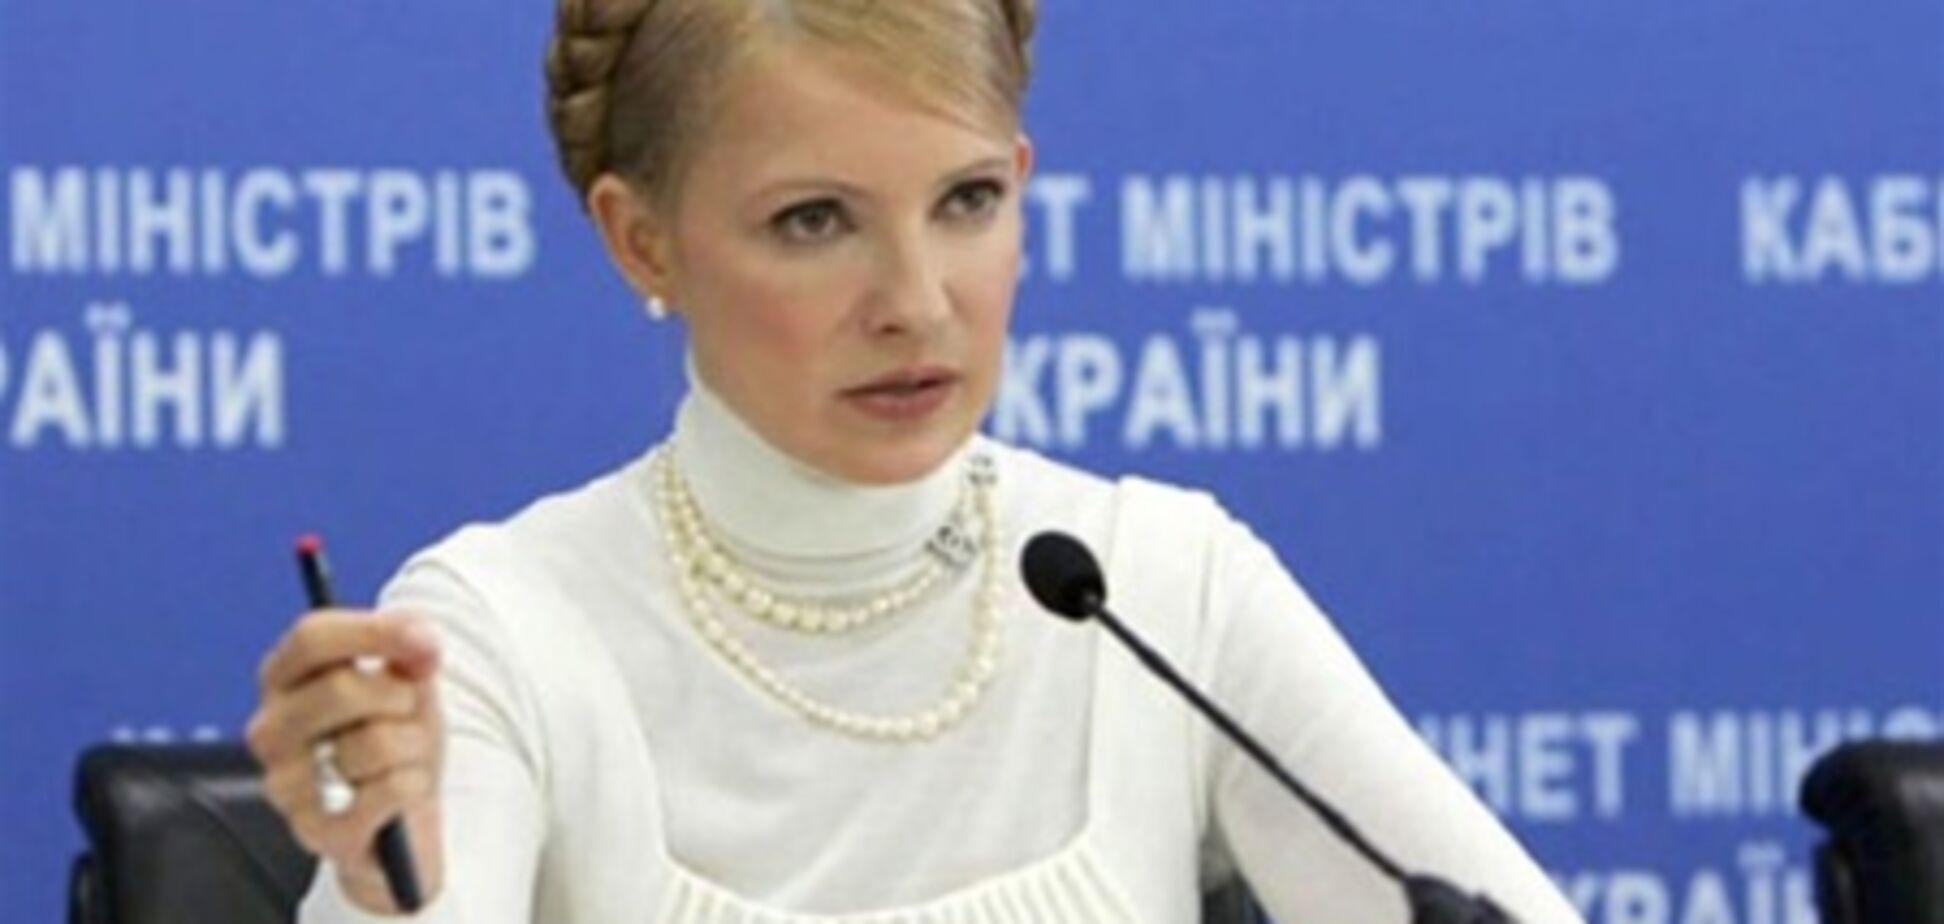 Тимошенко и психотехнологии обработки людей. Ч.3